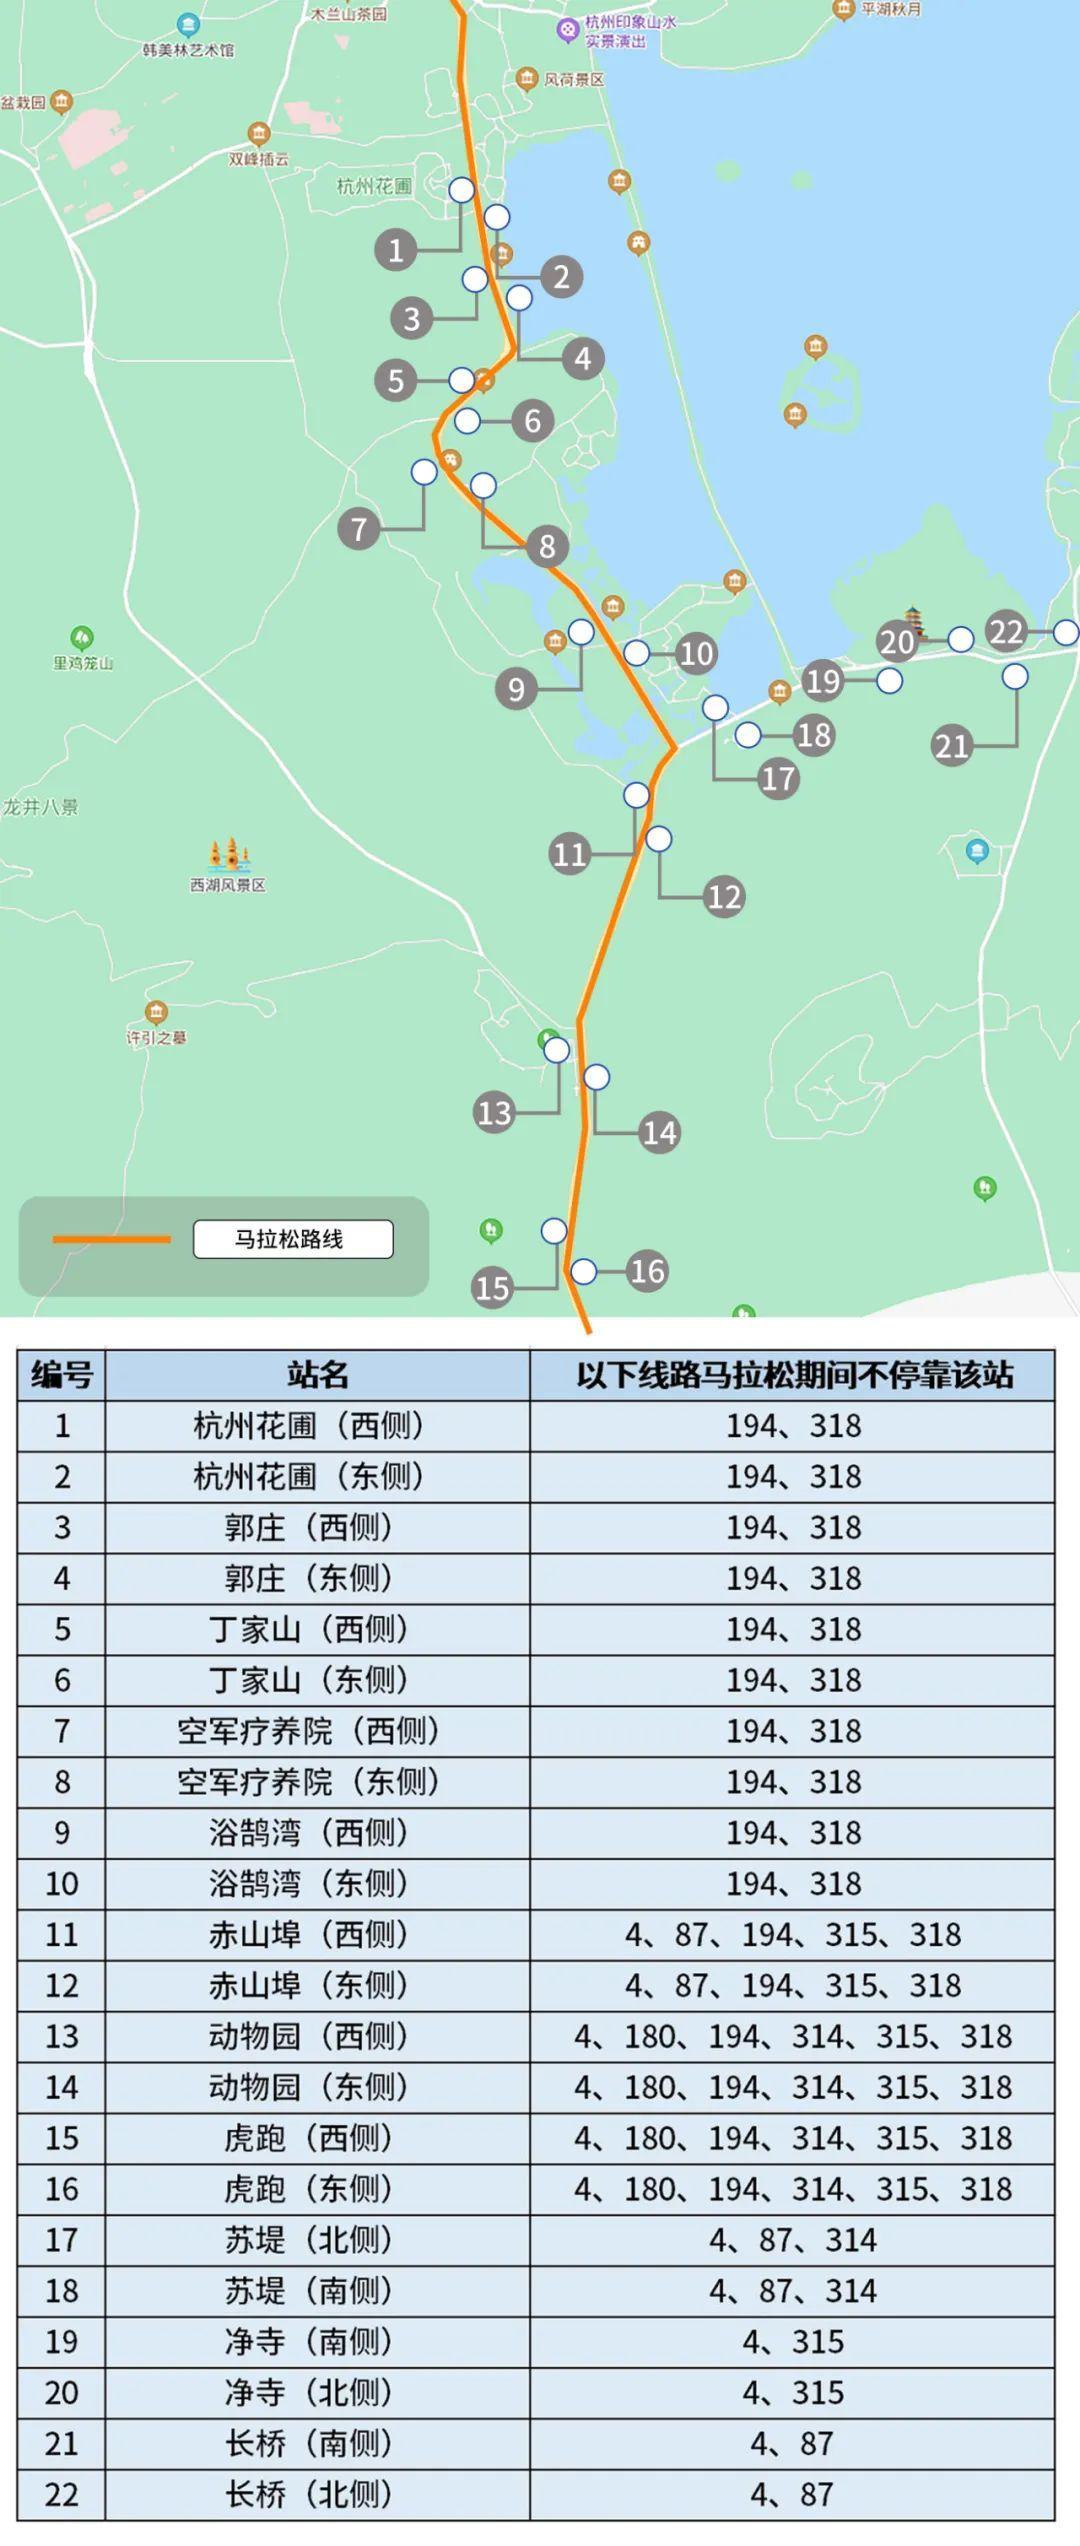 今年杭马路线大调整,全程放送风景大片!最全攻略来了